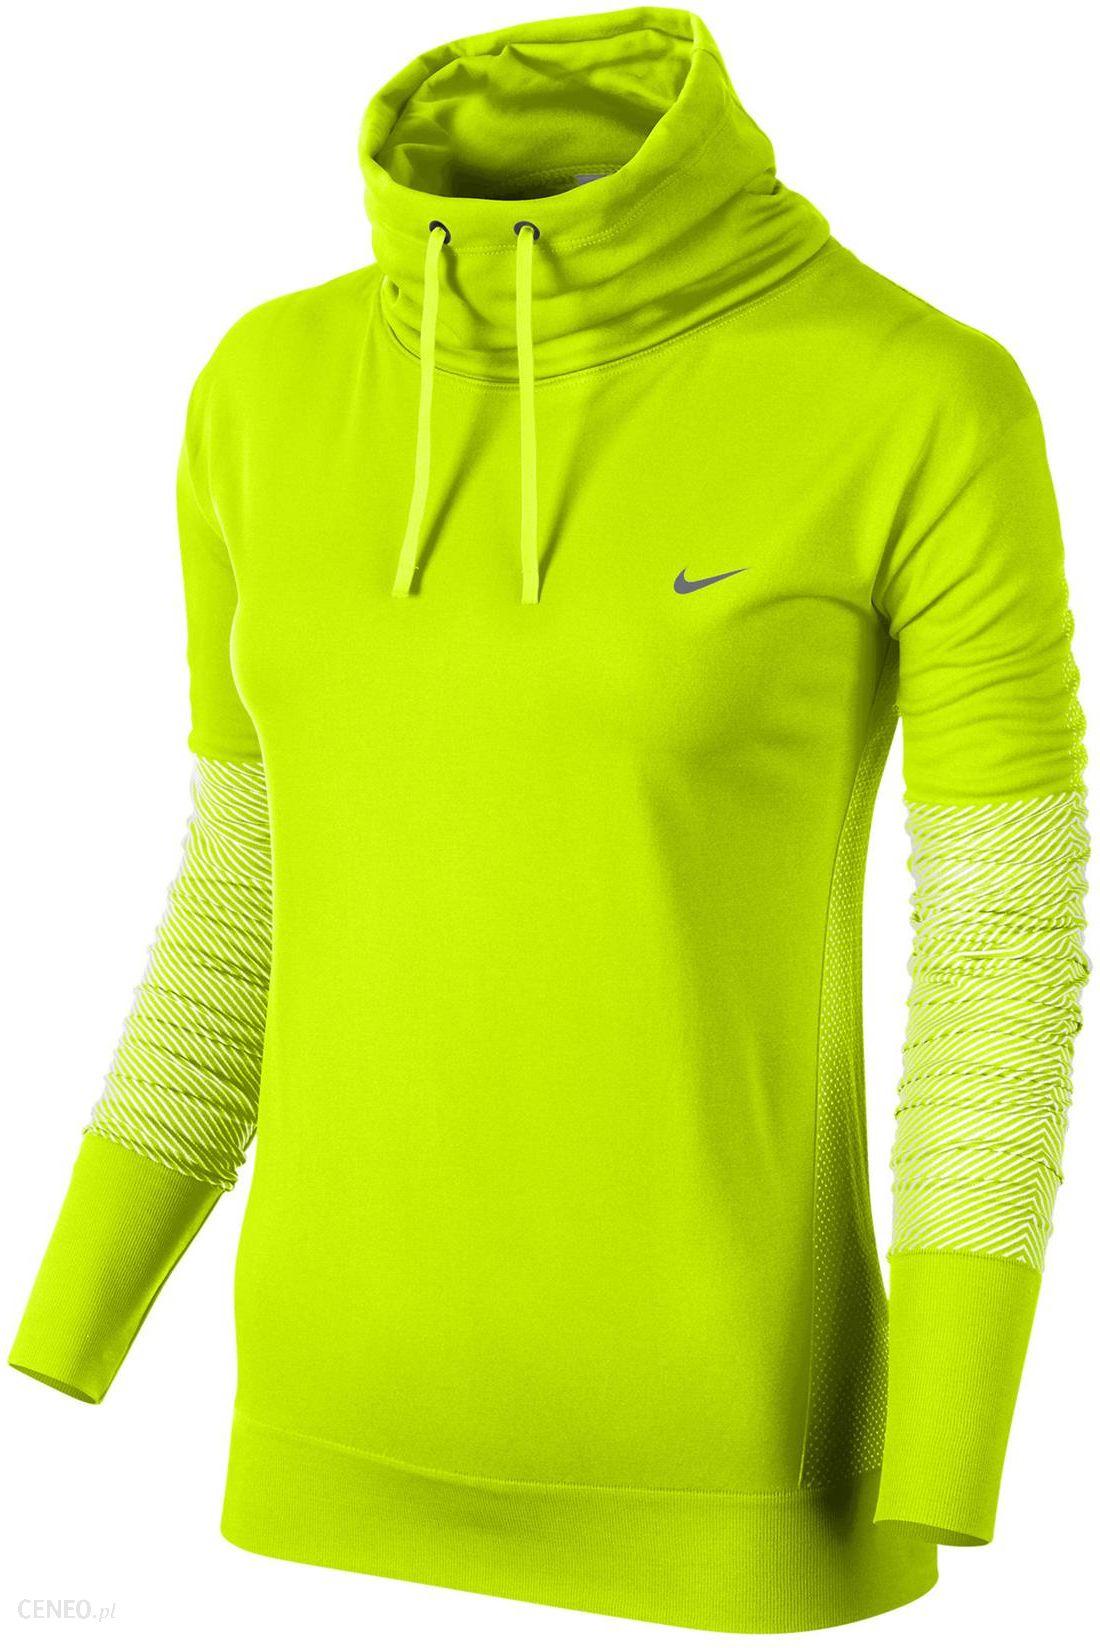 Bluza Nike Dri Fit Knit Infinity Cover 620382 702 Ceny i opinie Ceneo.pl